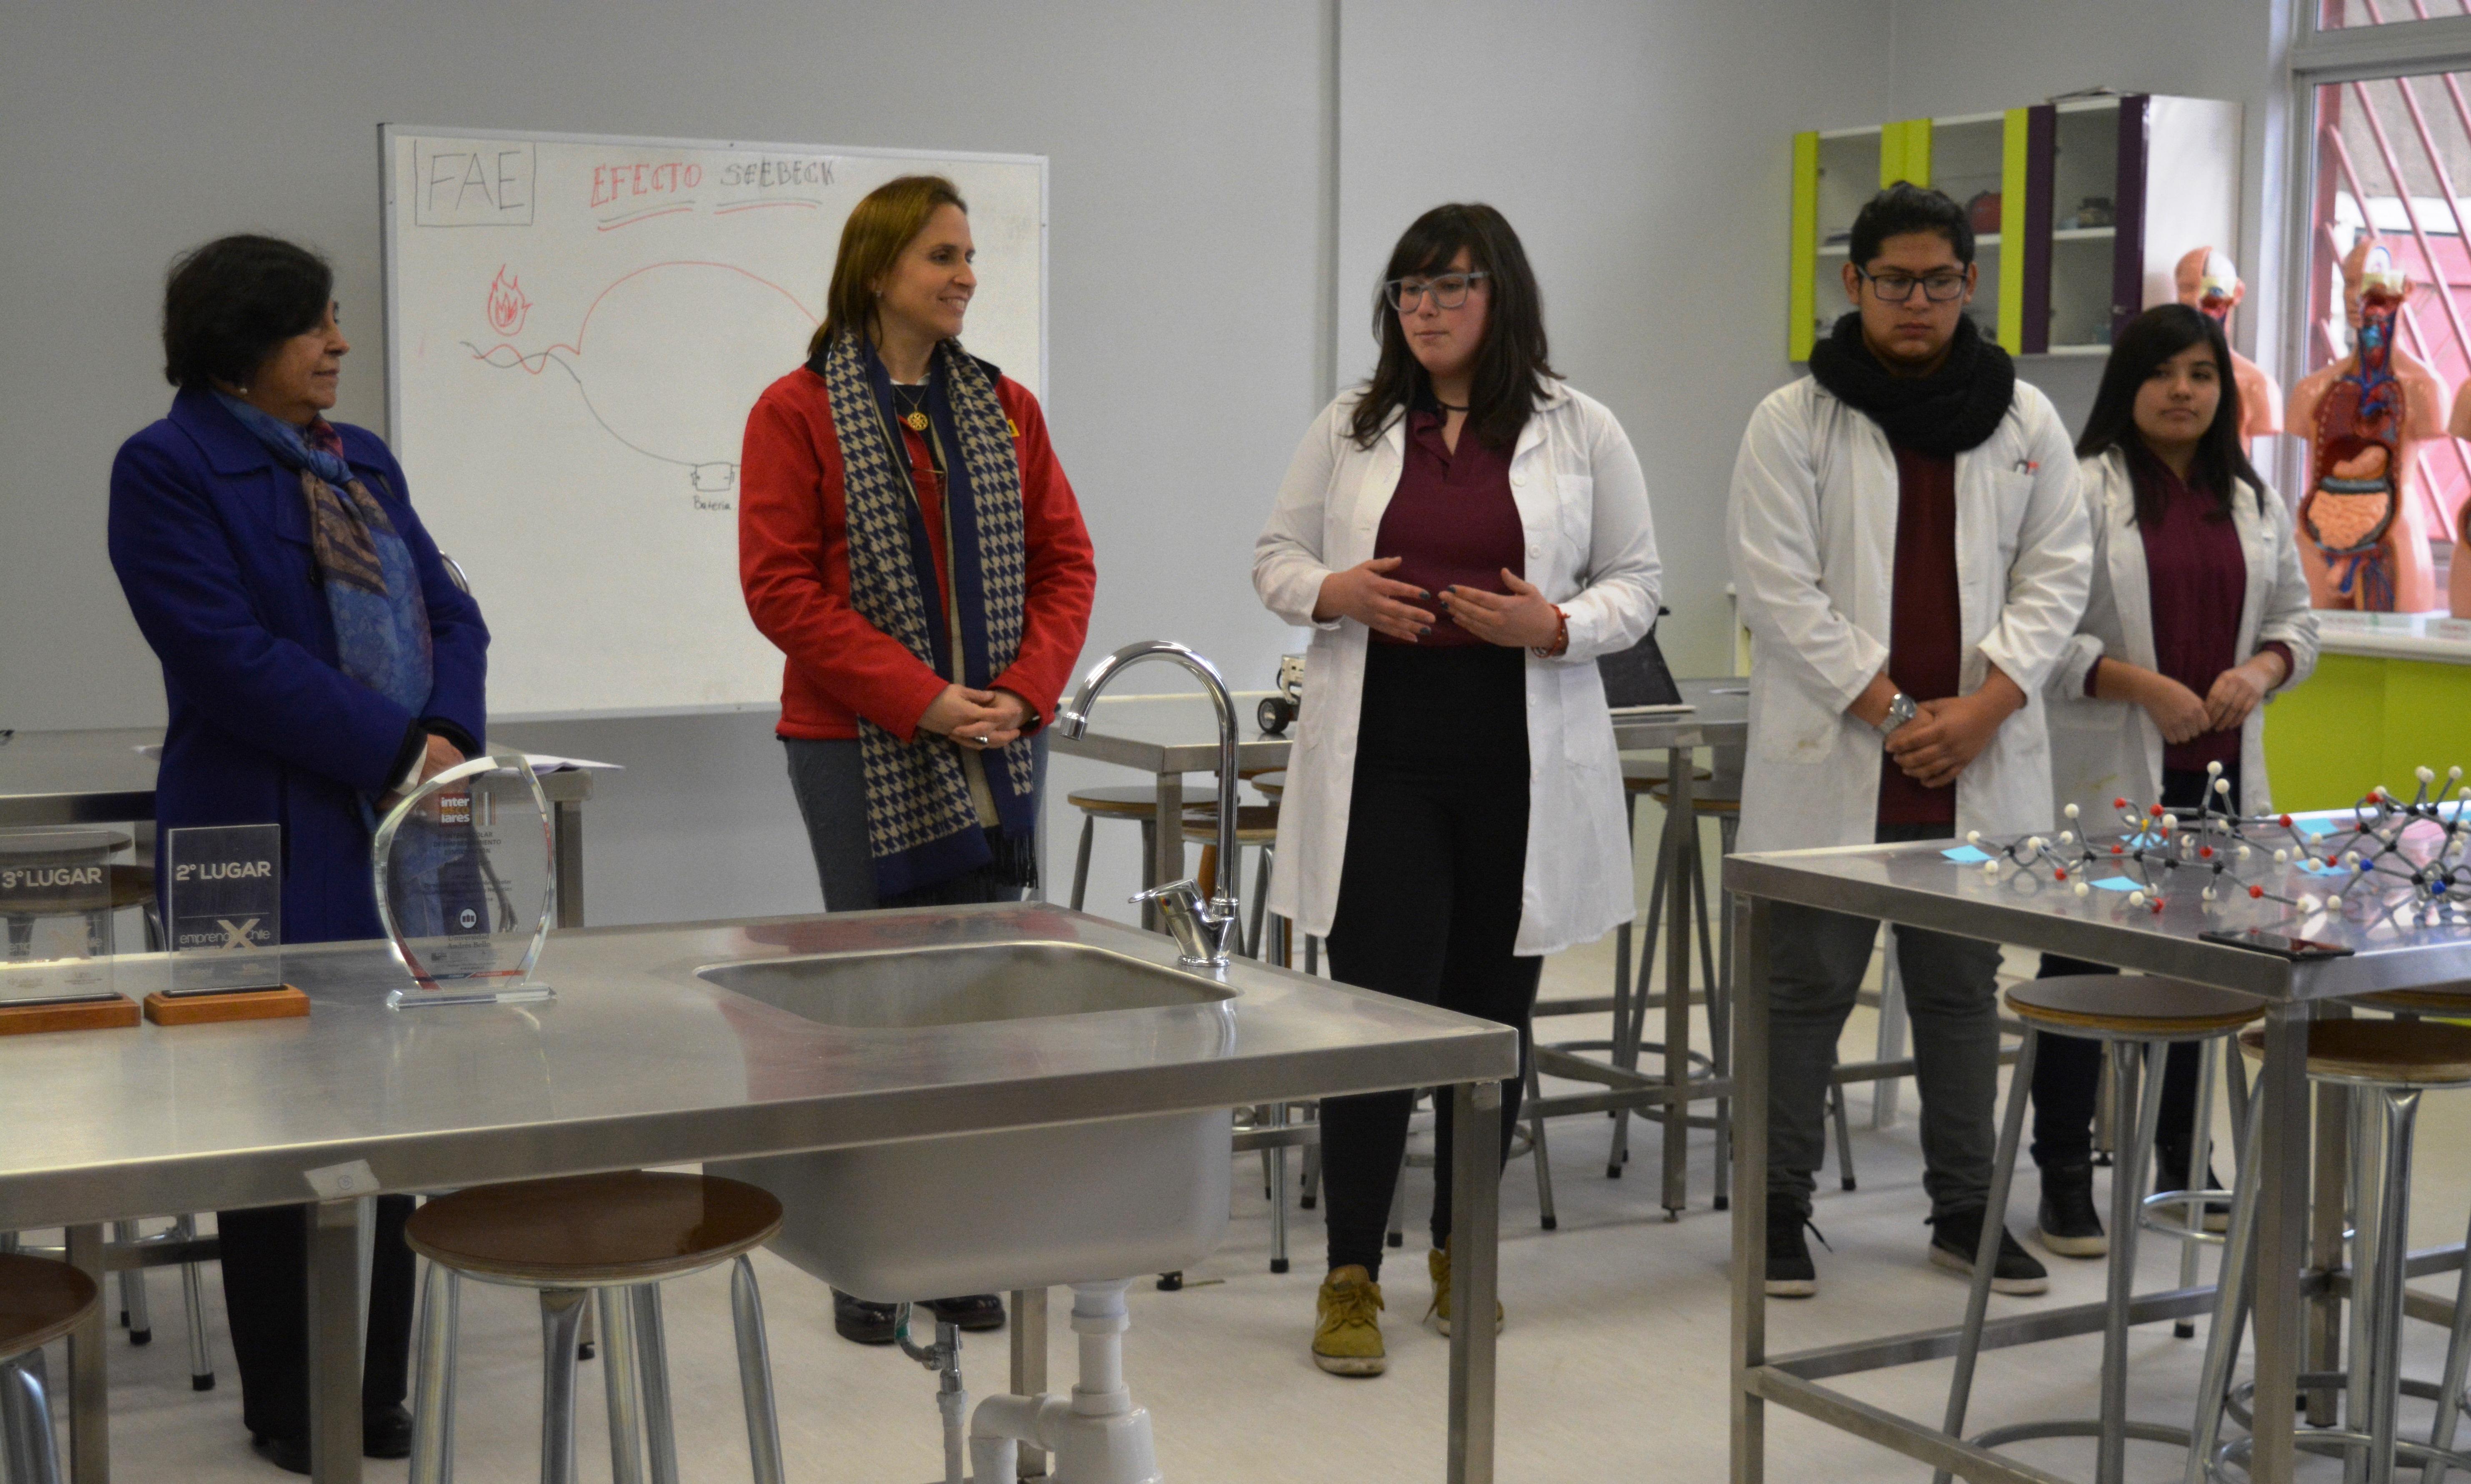 Laboratorio-de-Ciencias-Liceo-Antonio-Hermida-Fabres-23